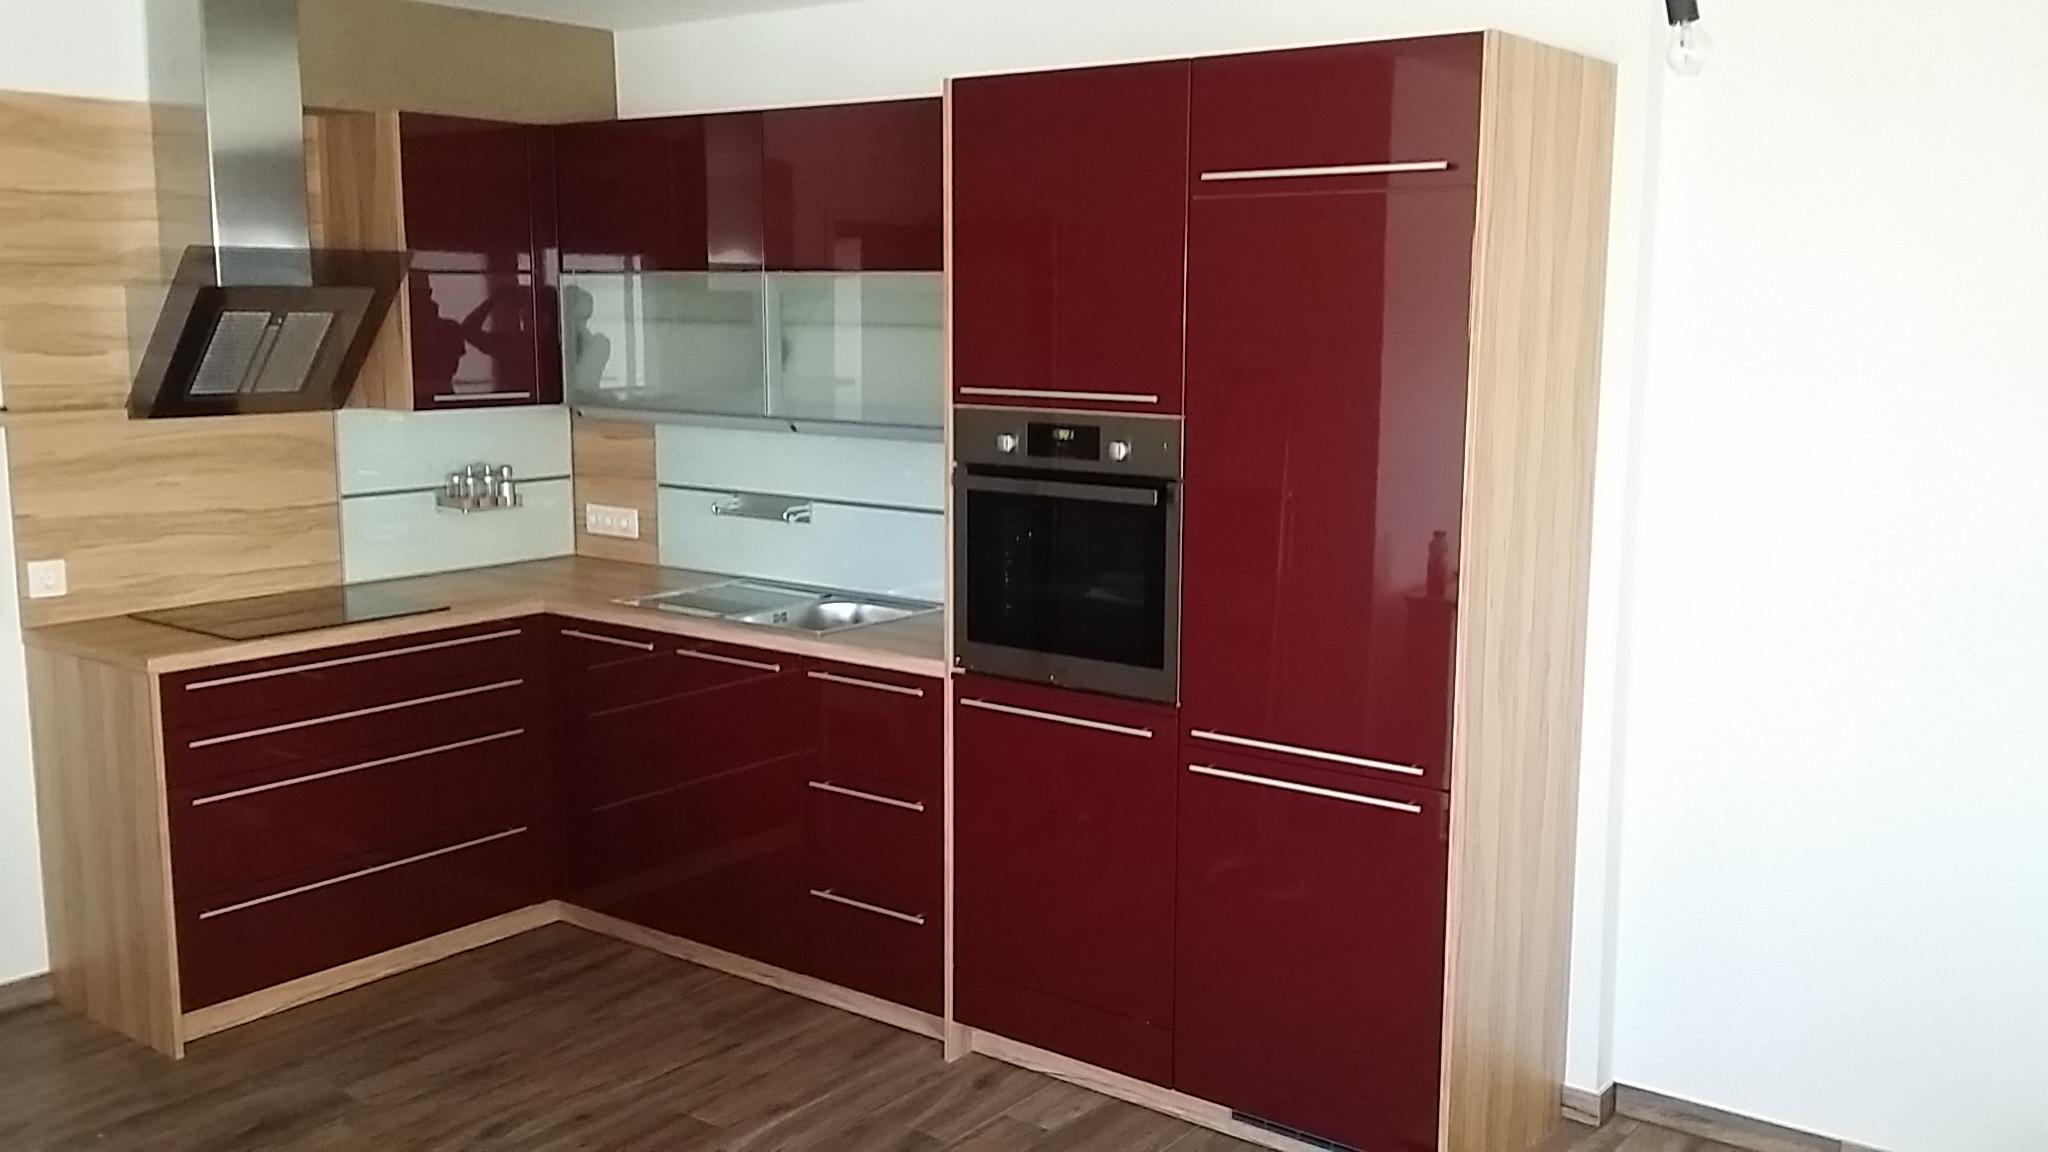 Farbe in der Küche (Klagenfurt)